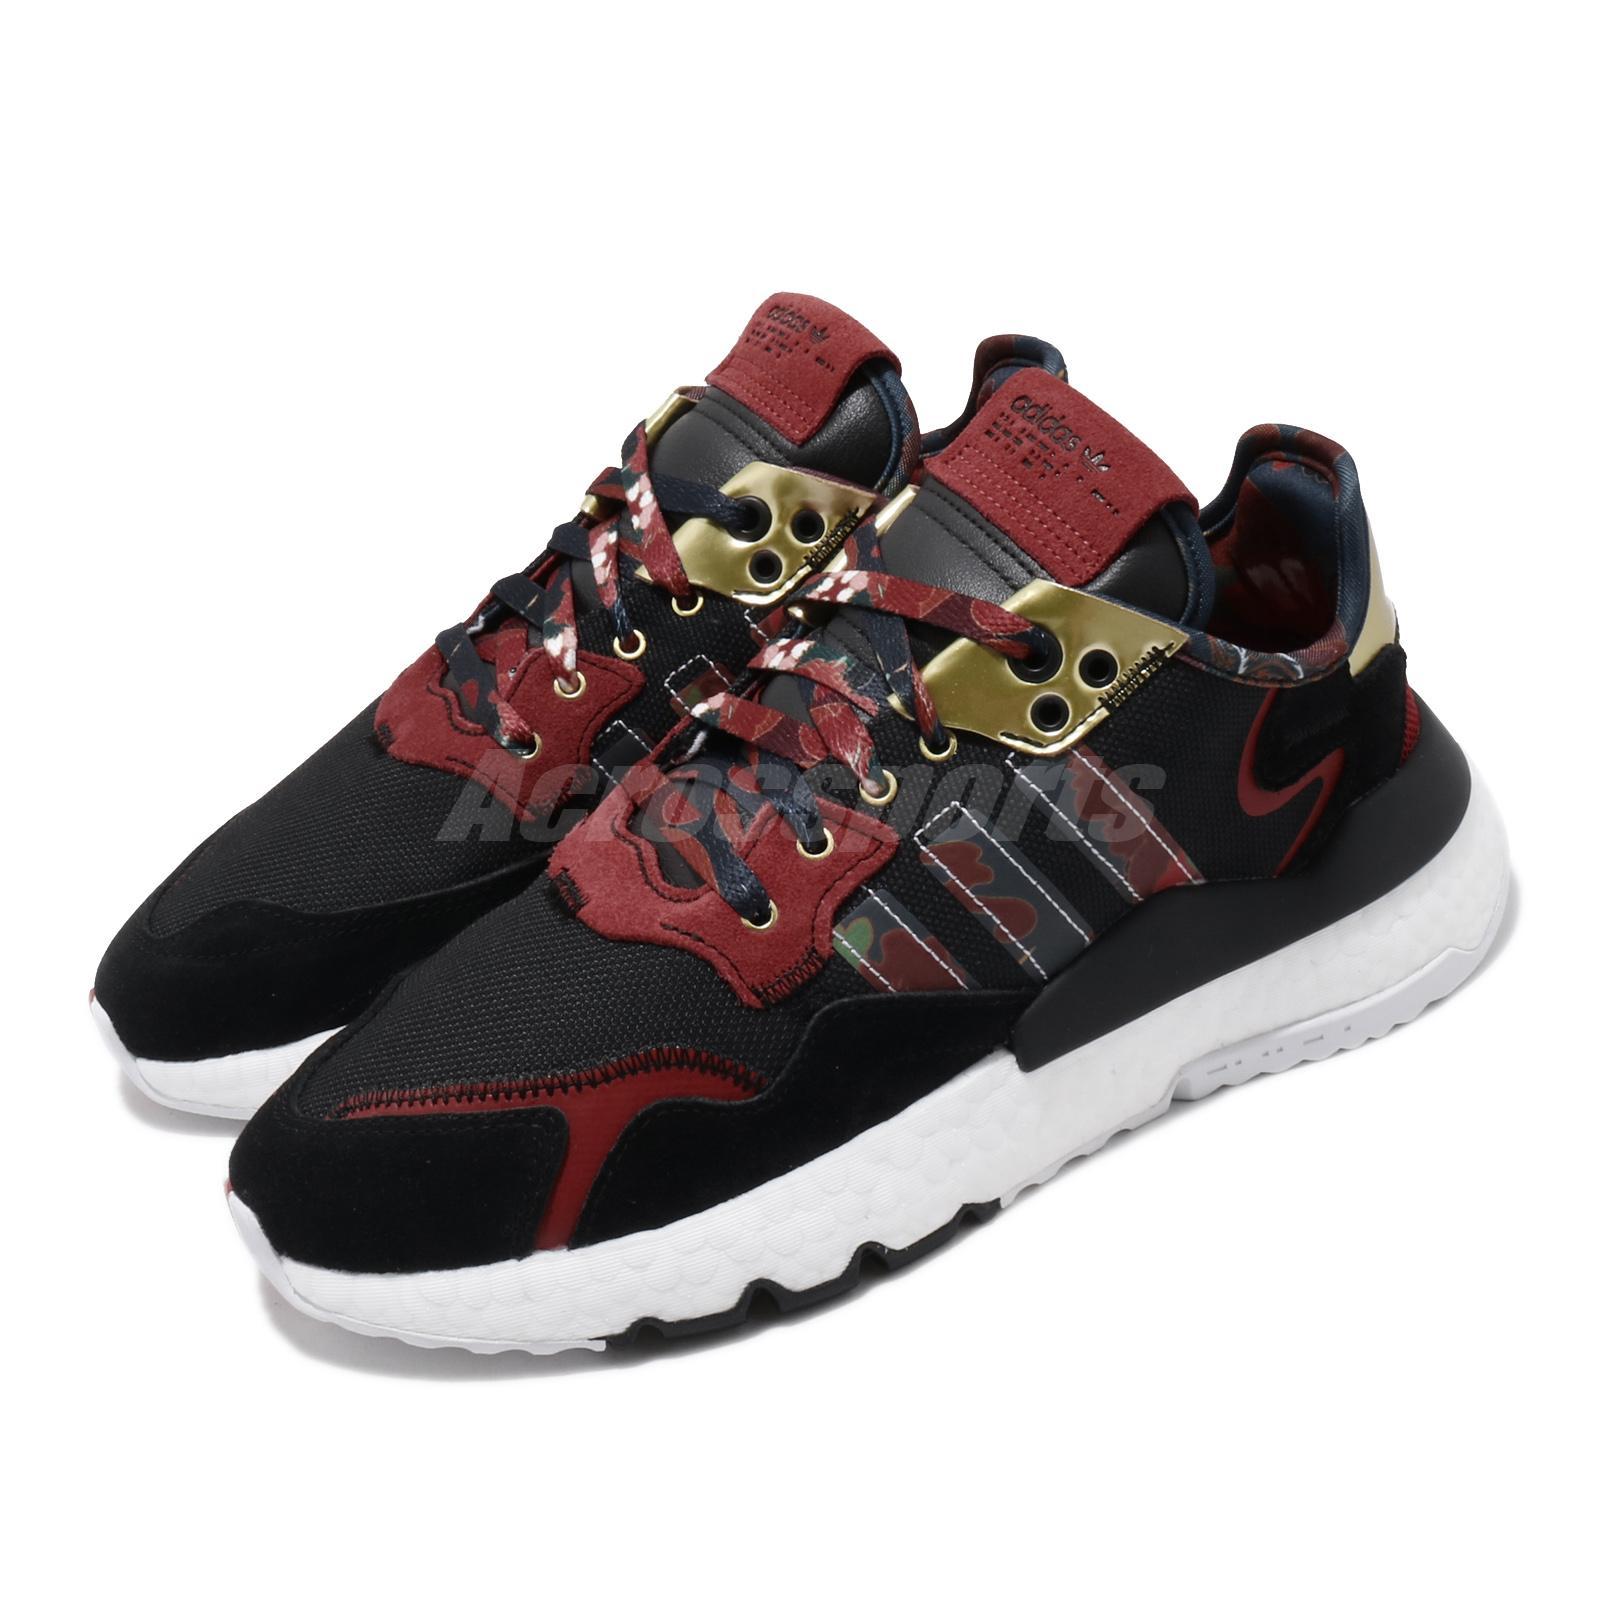 adidas nite jogger gold